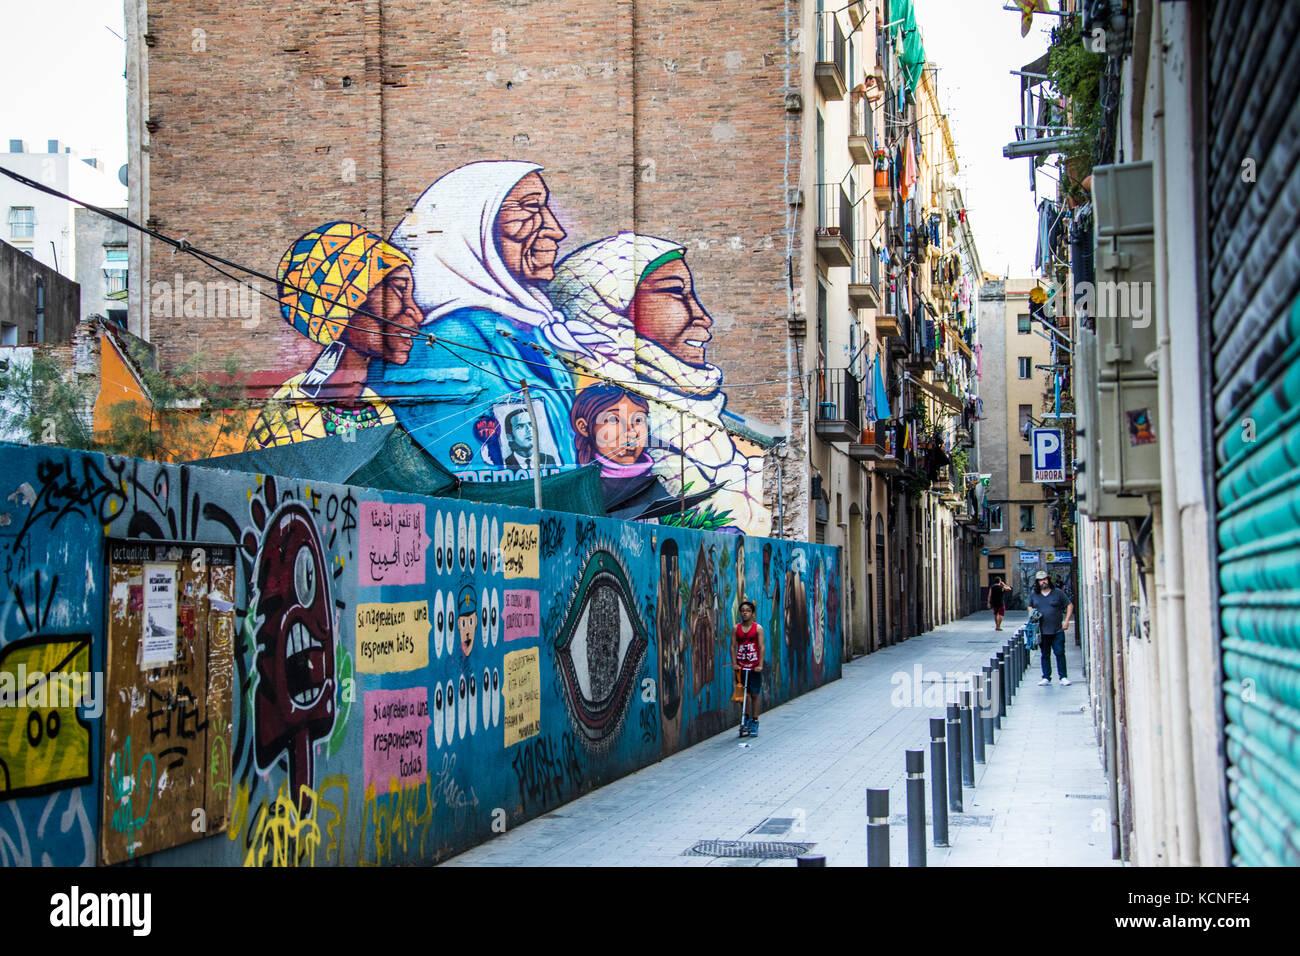 Street scene, Barcelona, Spain Stock Photo